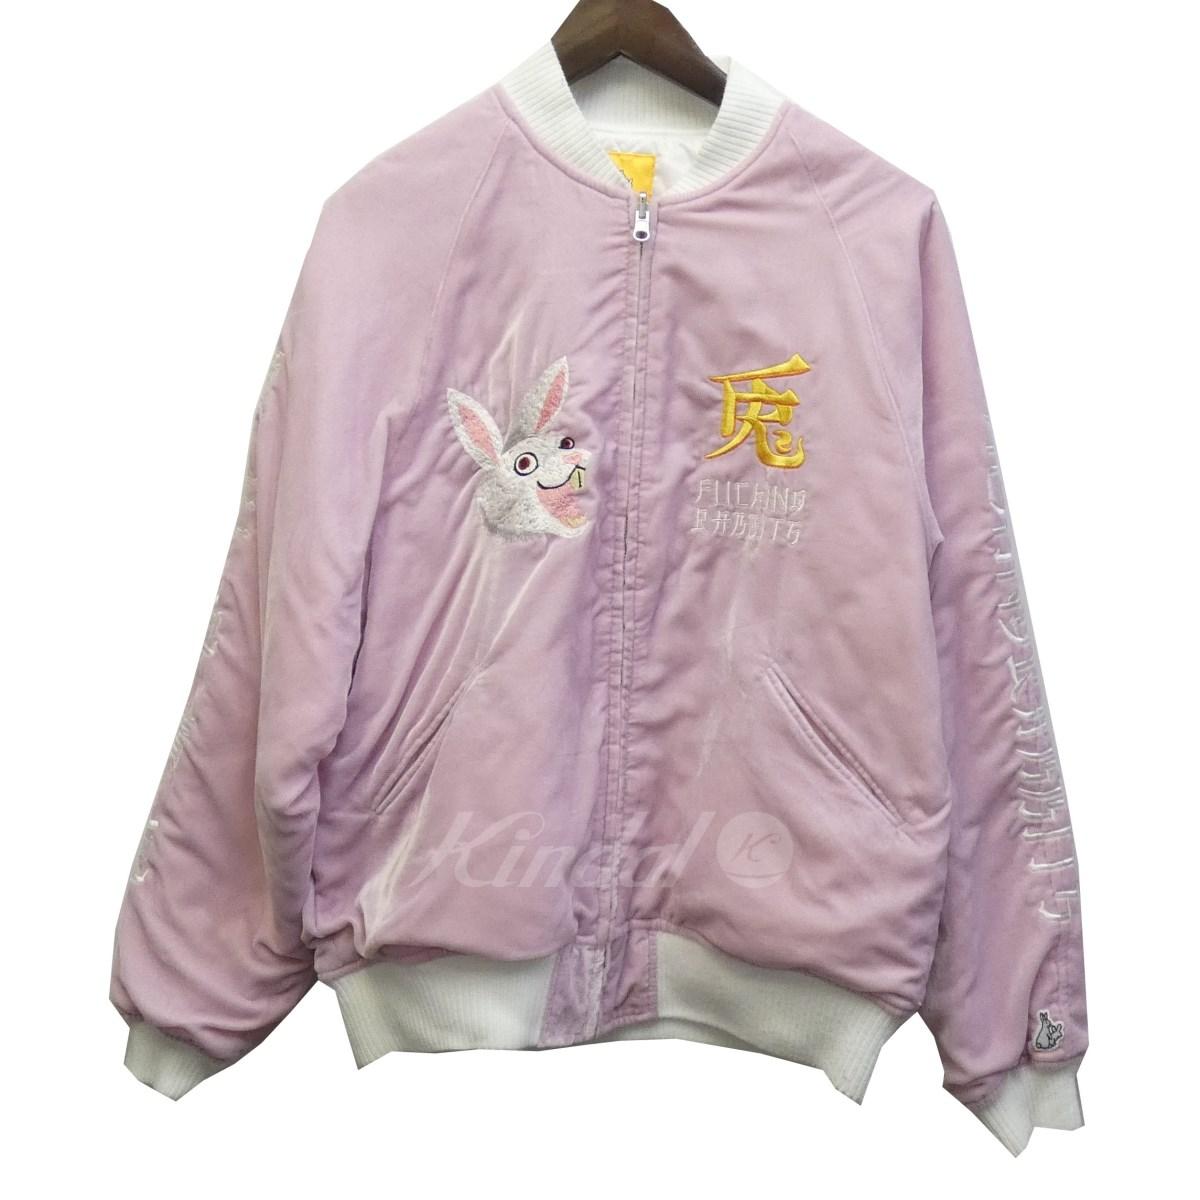 【中古】FR2 16AW 「TOKYO SOUVENIR JACKET」 リバーシブルスカジャン ピンク×ホワイト サイズ:M 【送料無料】 【080419】(エフアールツー)